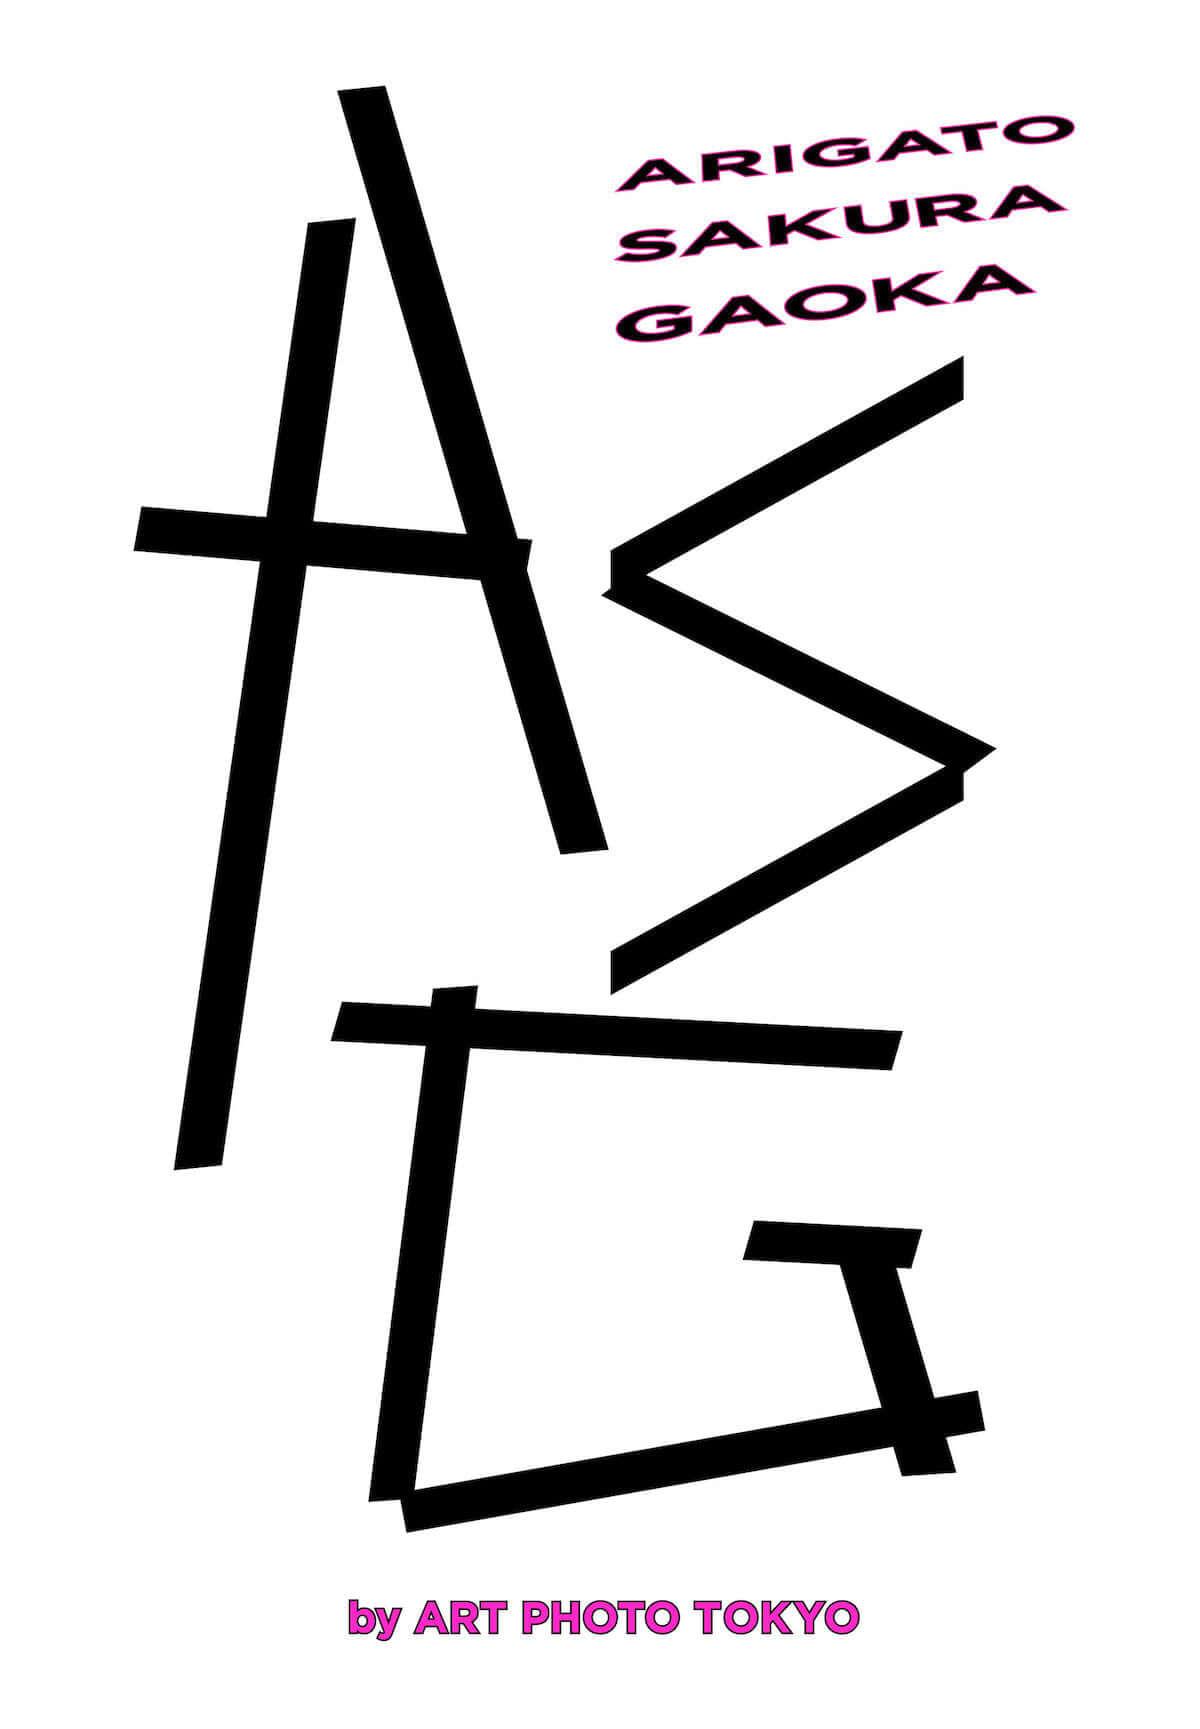 篠山紀信、レスリー・キーら錚々たるアーティスト集結!取り壊し予定の渋谷のビルで<ARIGATO SAKURAGAOKA >開催! art181115_artphototokyo_1-1200x1729